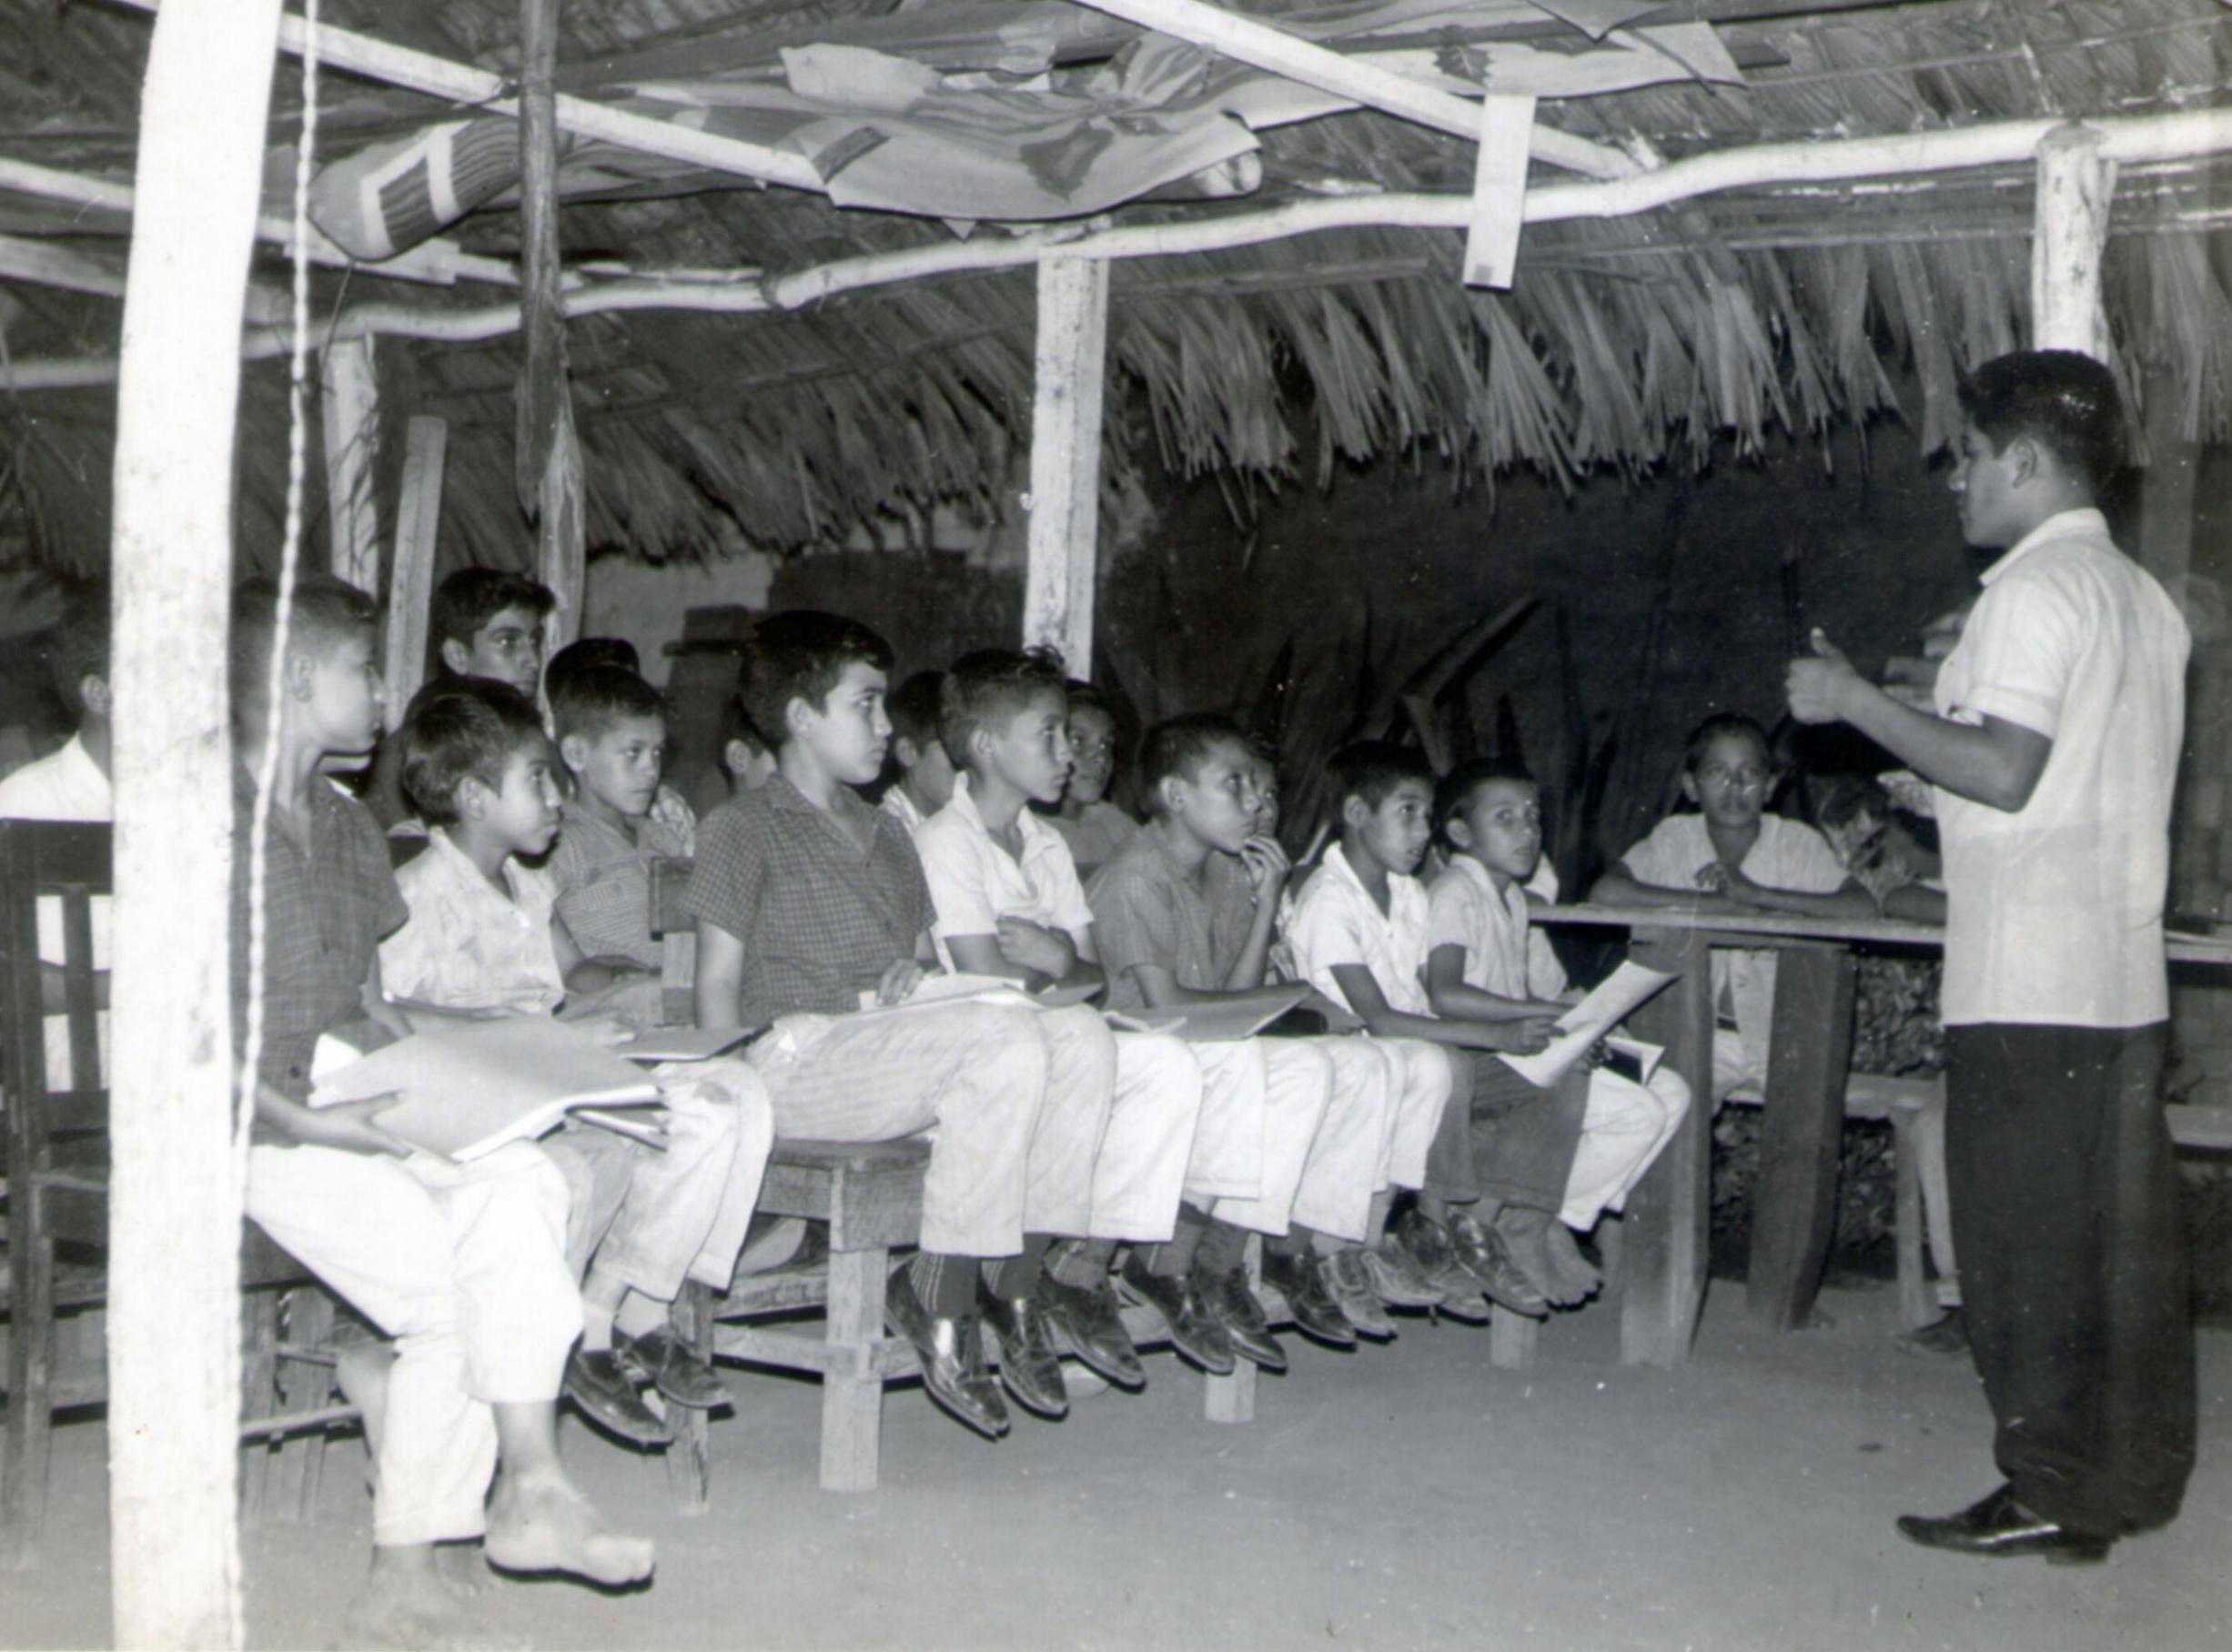 El primer grupo icthus en el progreso, guatemala. gilo mendez era el primer guia general.